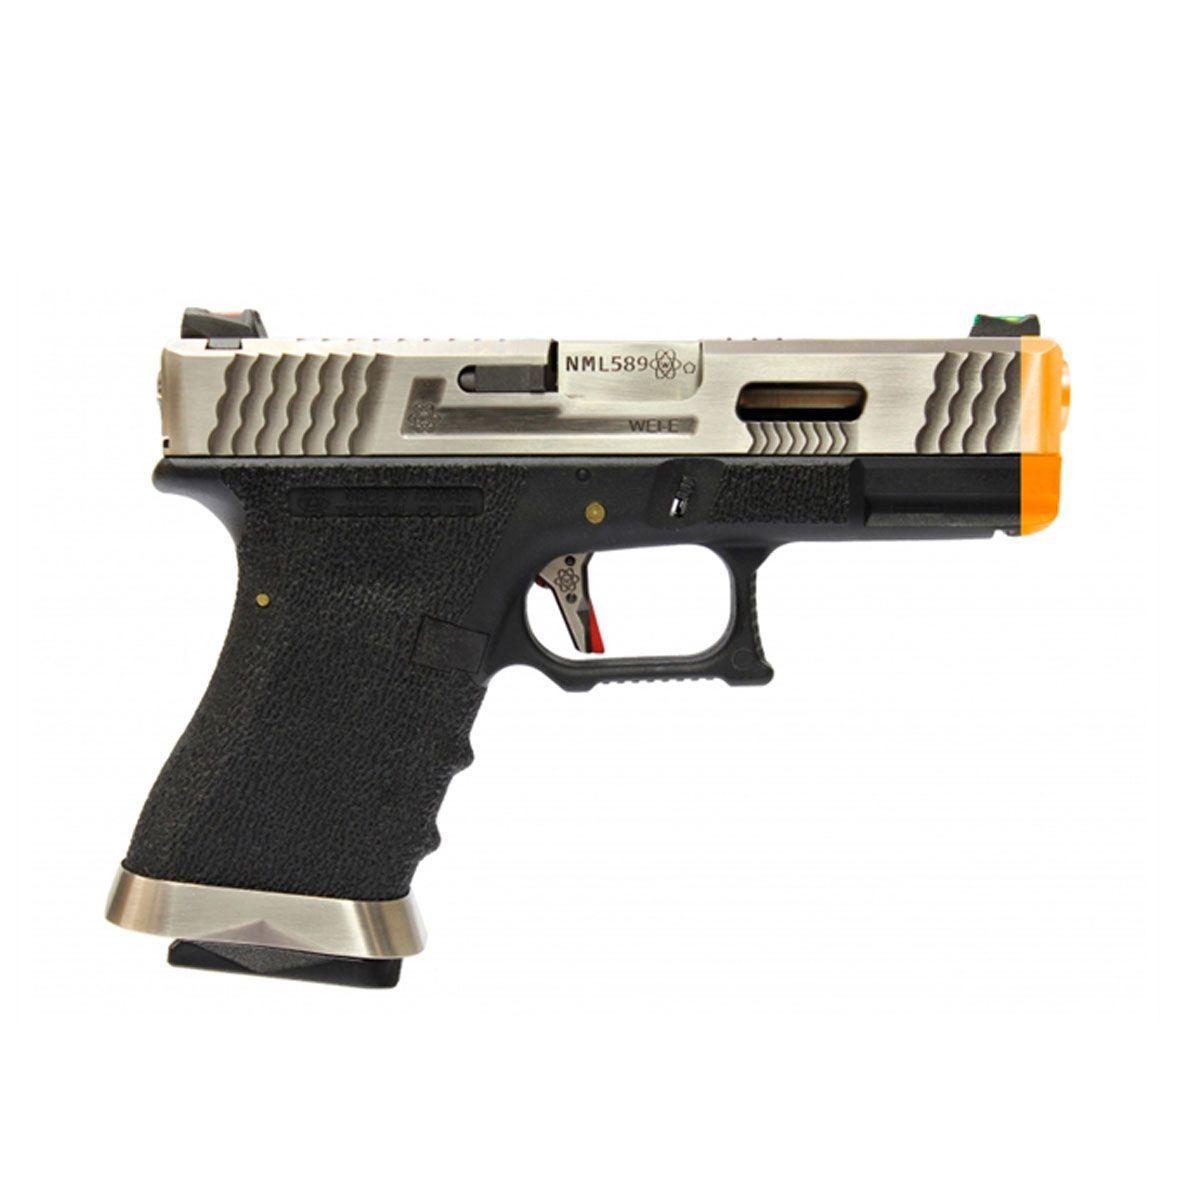 Pistola Airsoft G19 WET7 GBB - WE